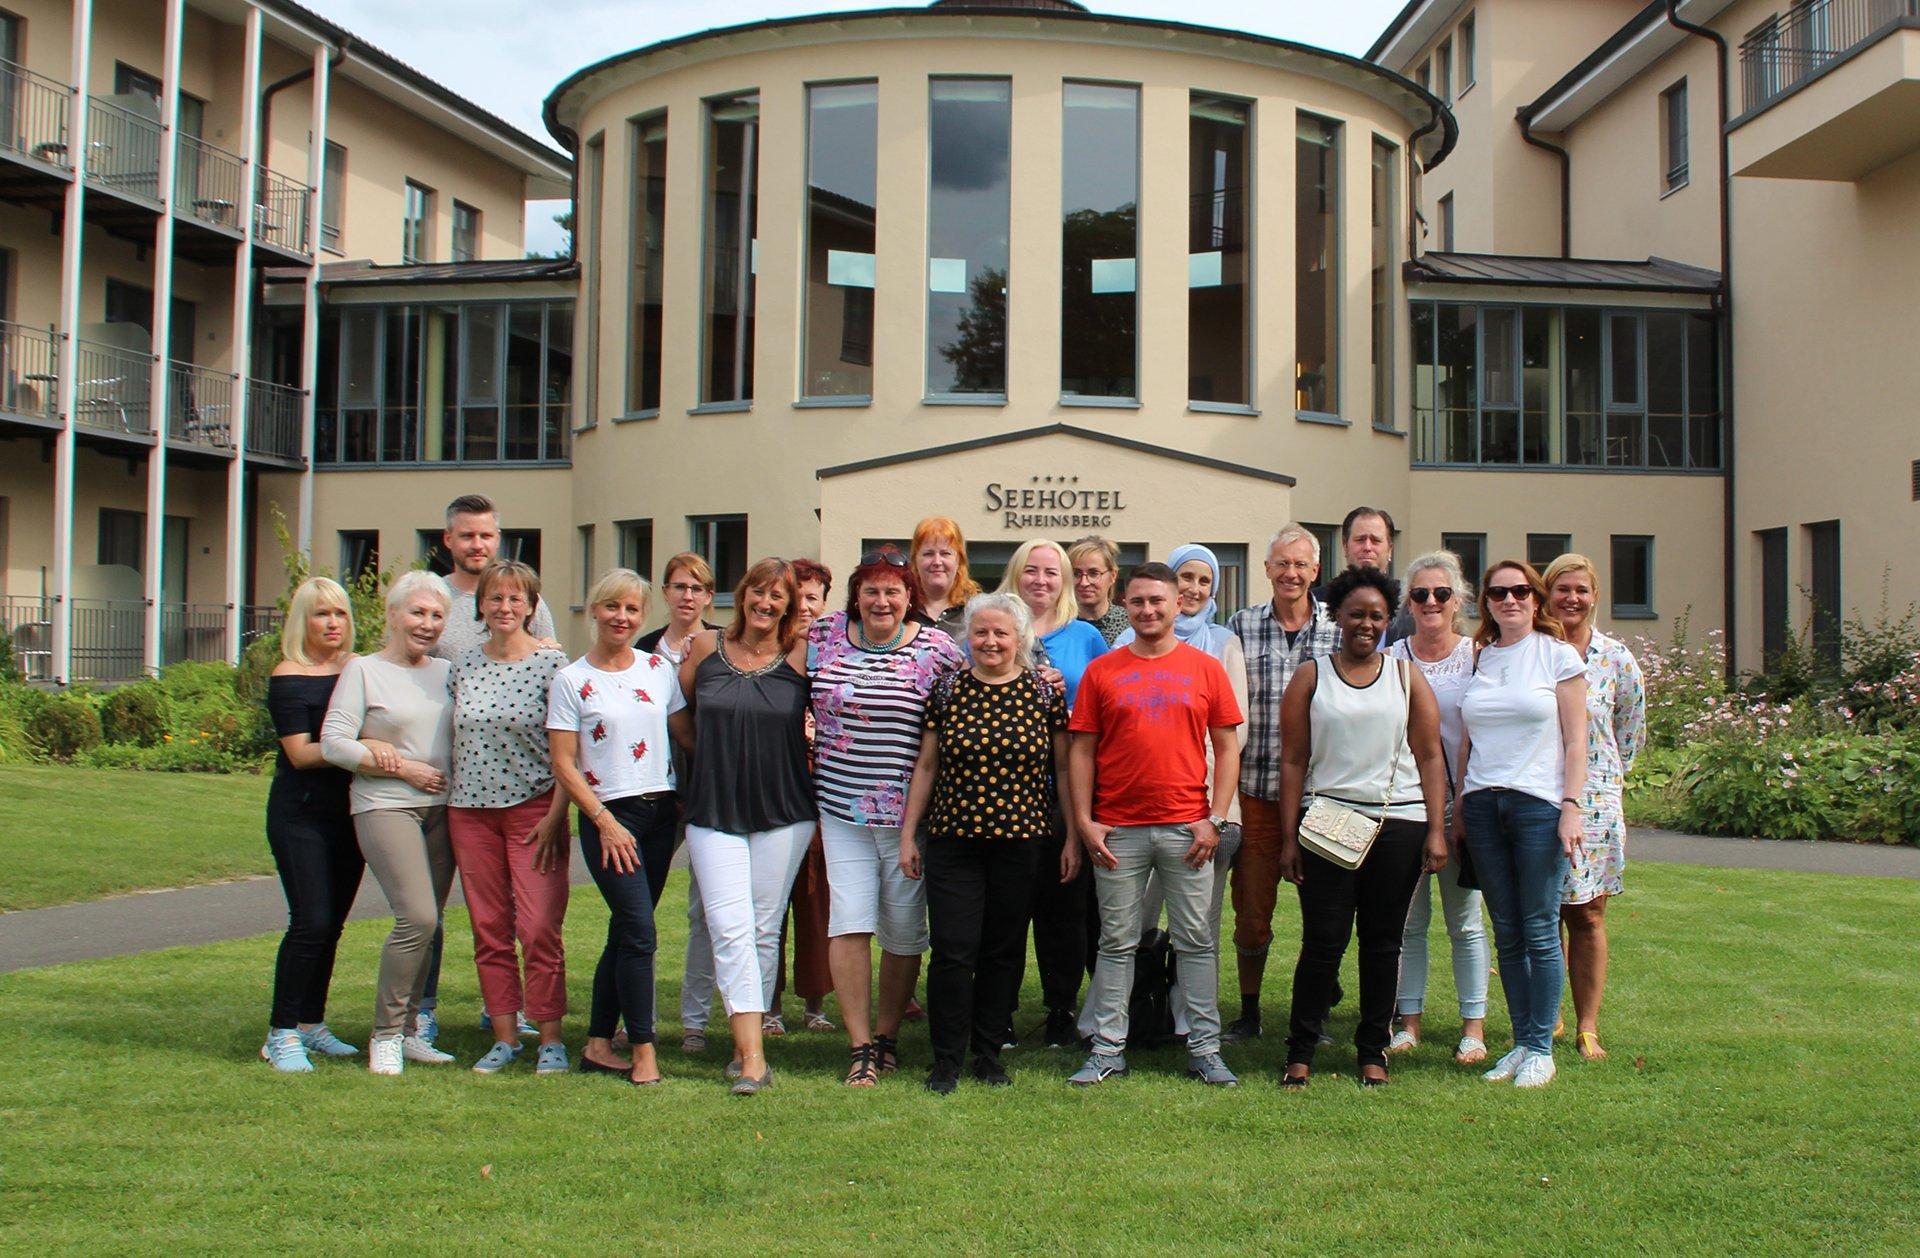 Mitarbeiterinnen und Mitarbeiter des AD auf einem Gruppenfoto vor dem Seehotel Rheinsberg